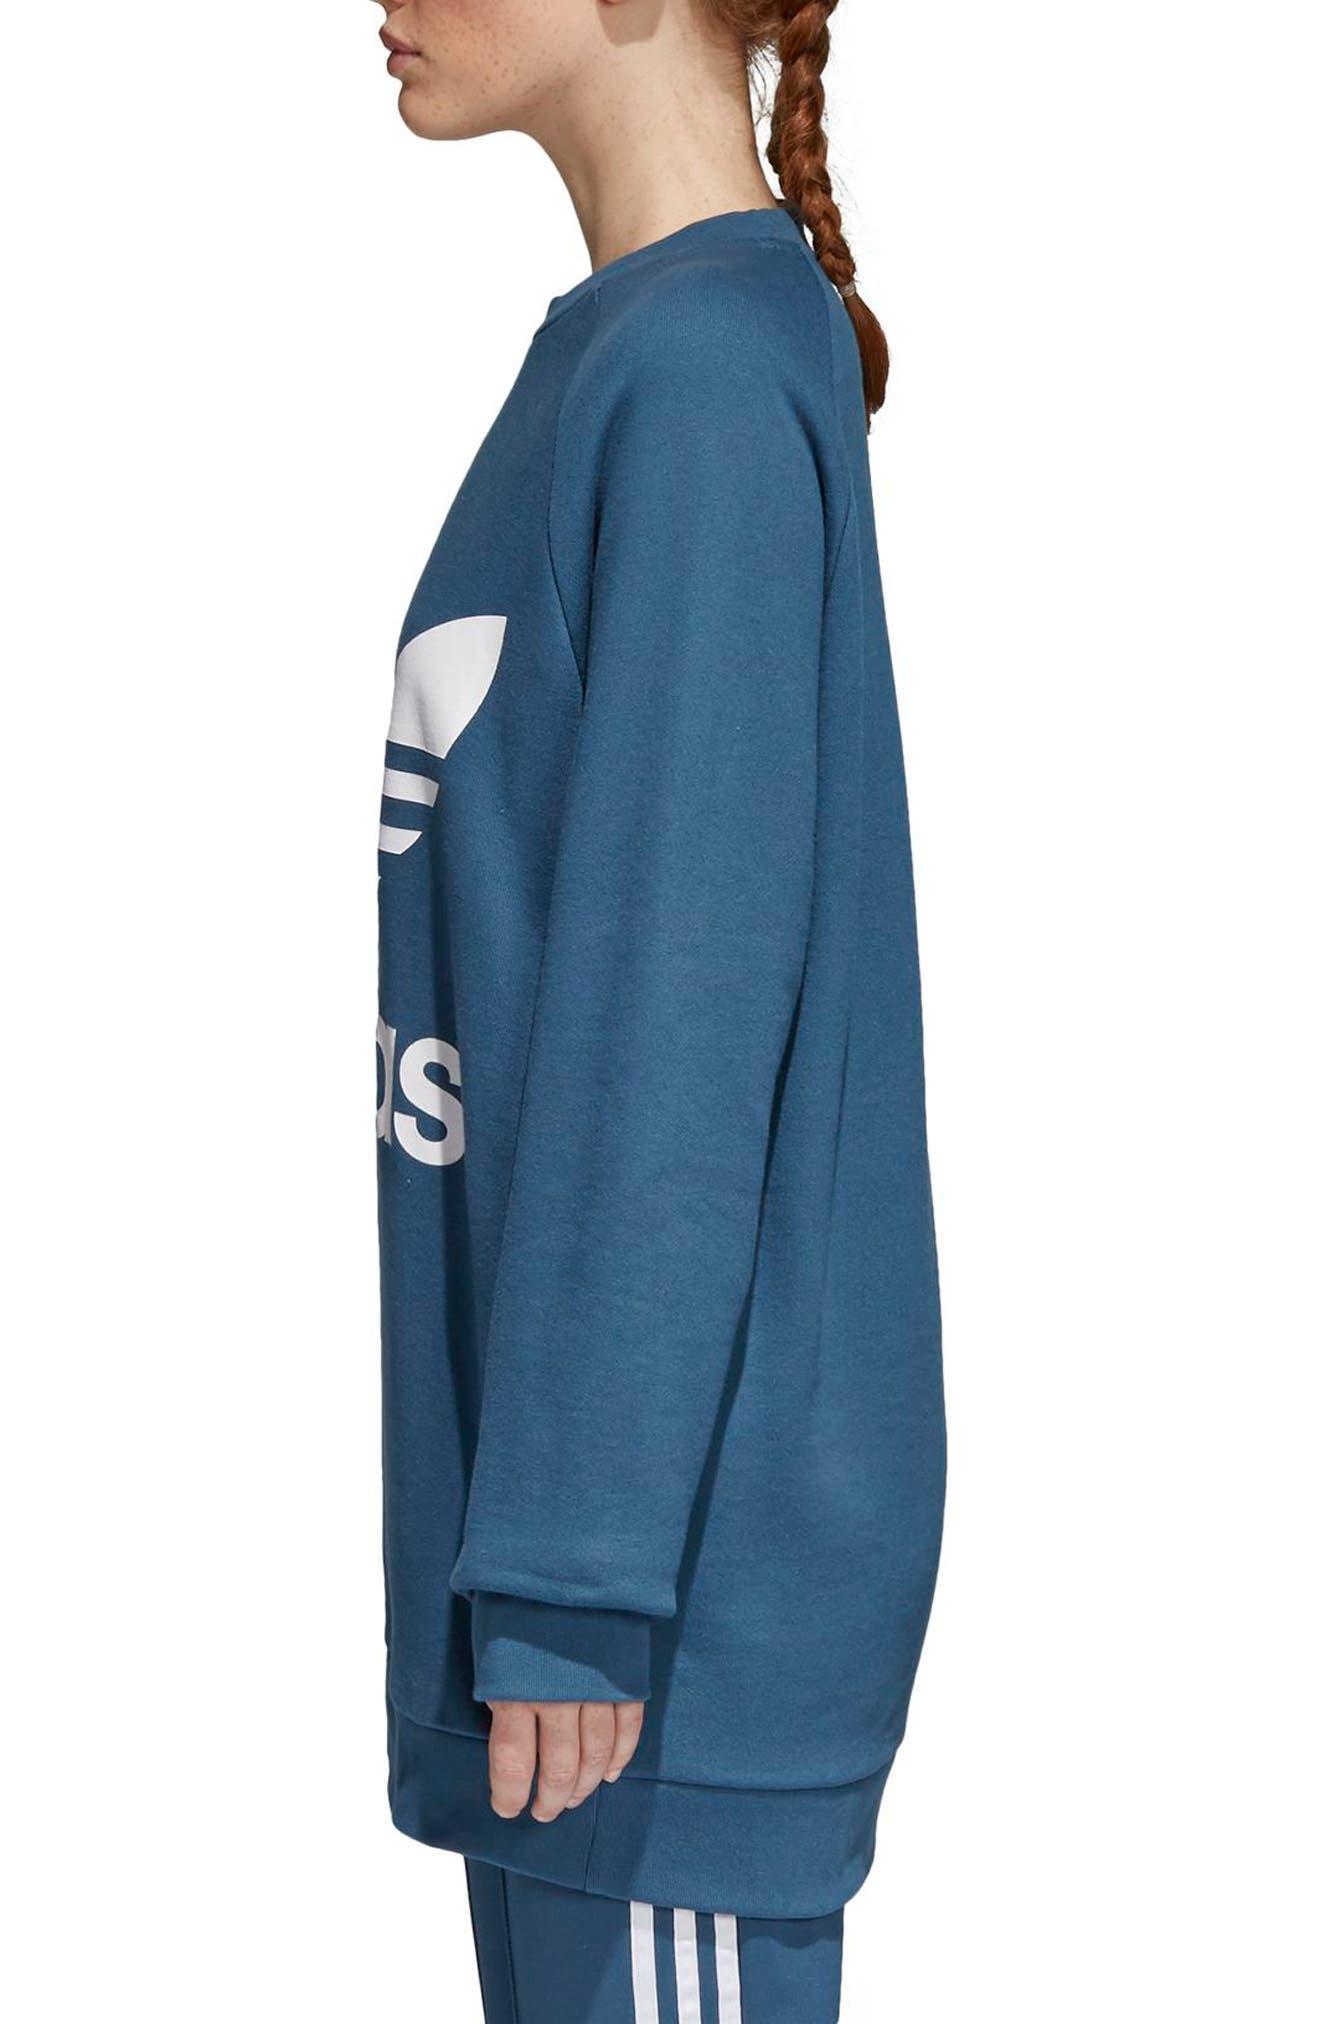 Originals Oversize Sweatshirt,                             Alternate thumbnail 3, color,                             Dark Steel